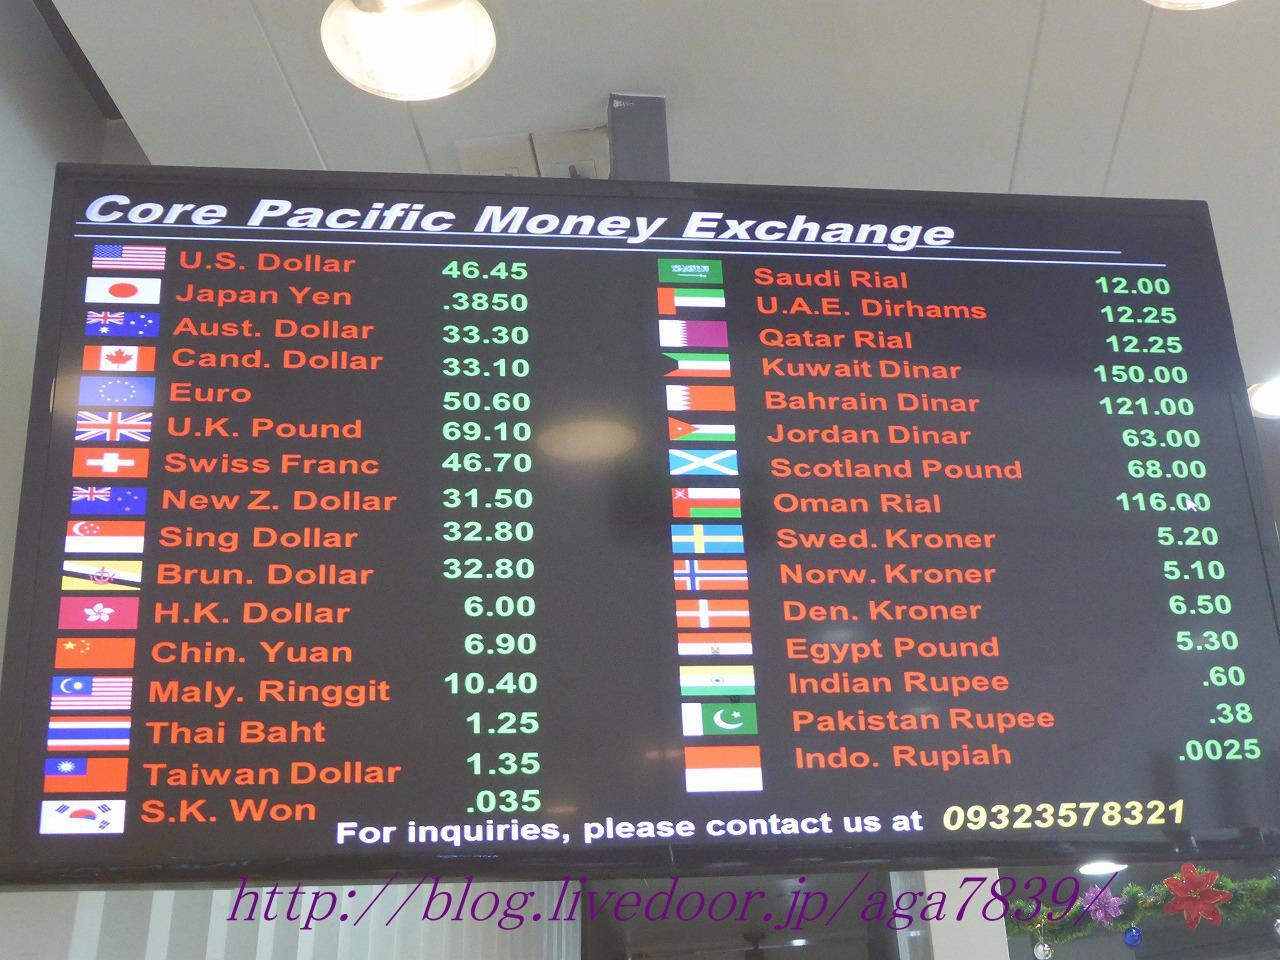 Core Pacific Money Exchange